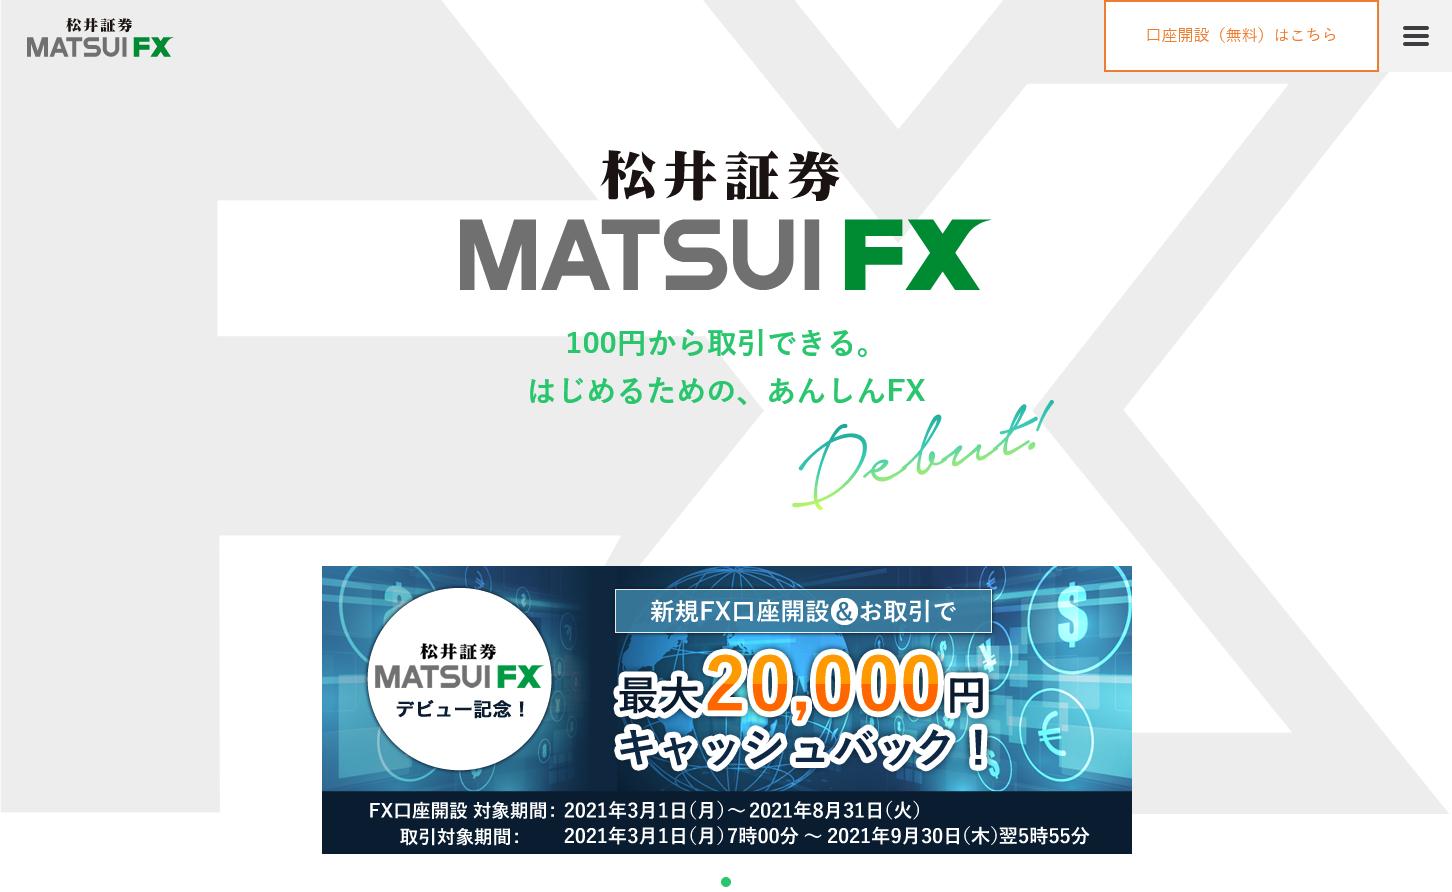 MATSUI FX -100円から取引できる。はじめるための、あんしんFX- - 松井証券